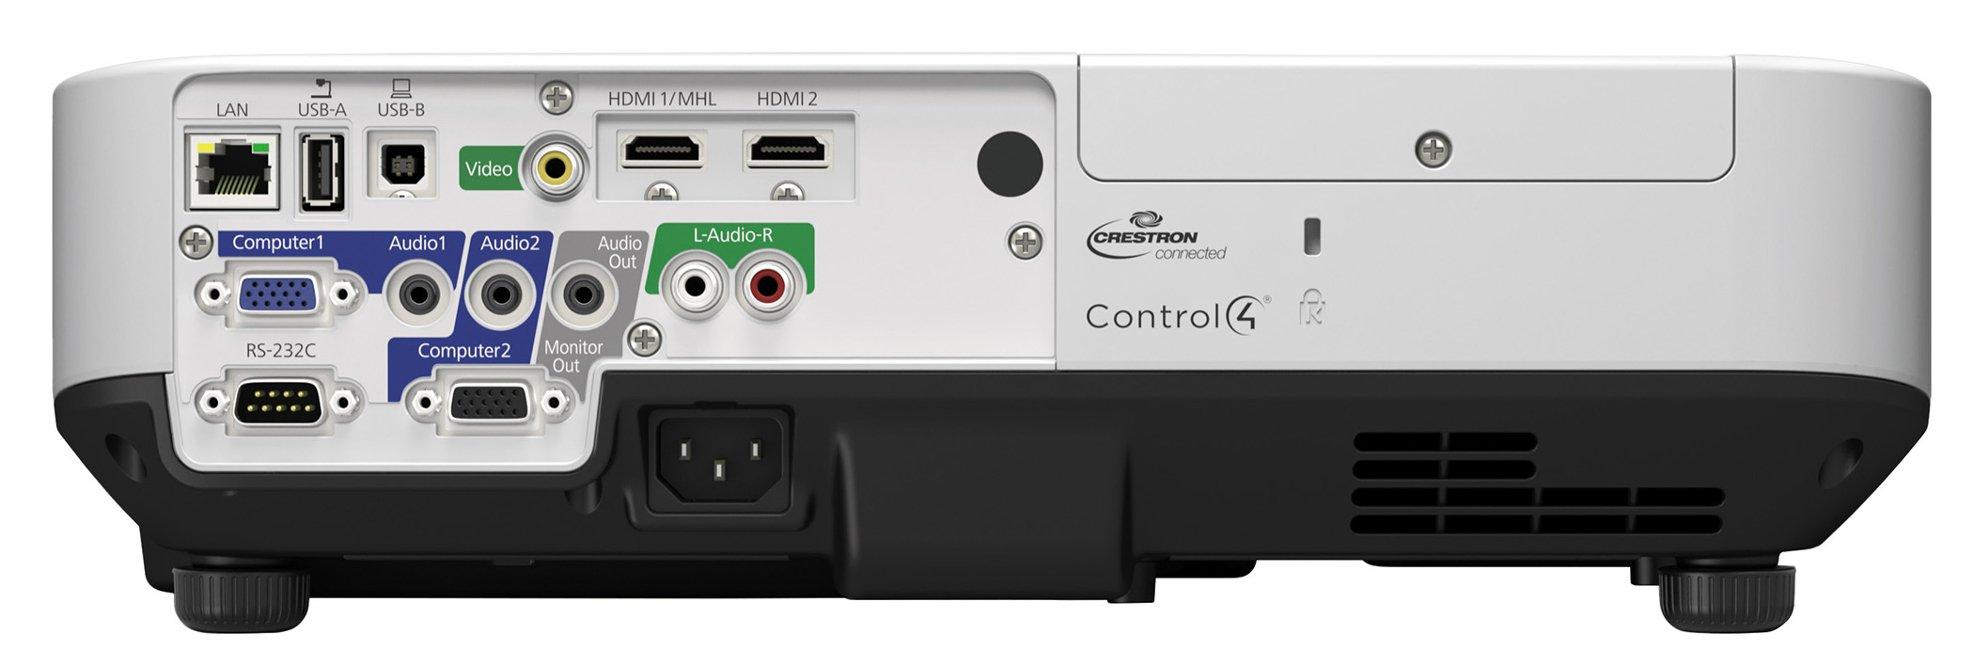 4200 Lumen Wireless WUXGA 3LCD Projector